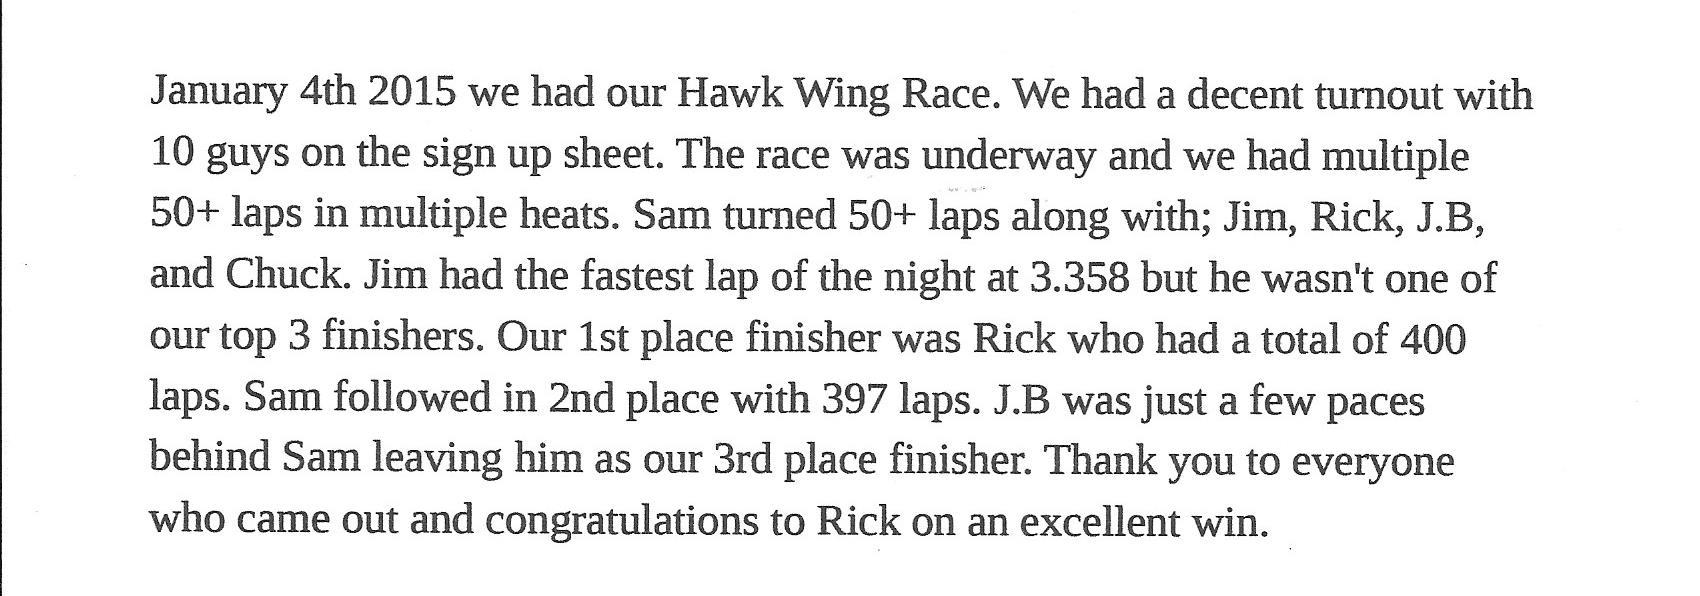 hawk wing report.jpg